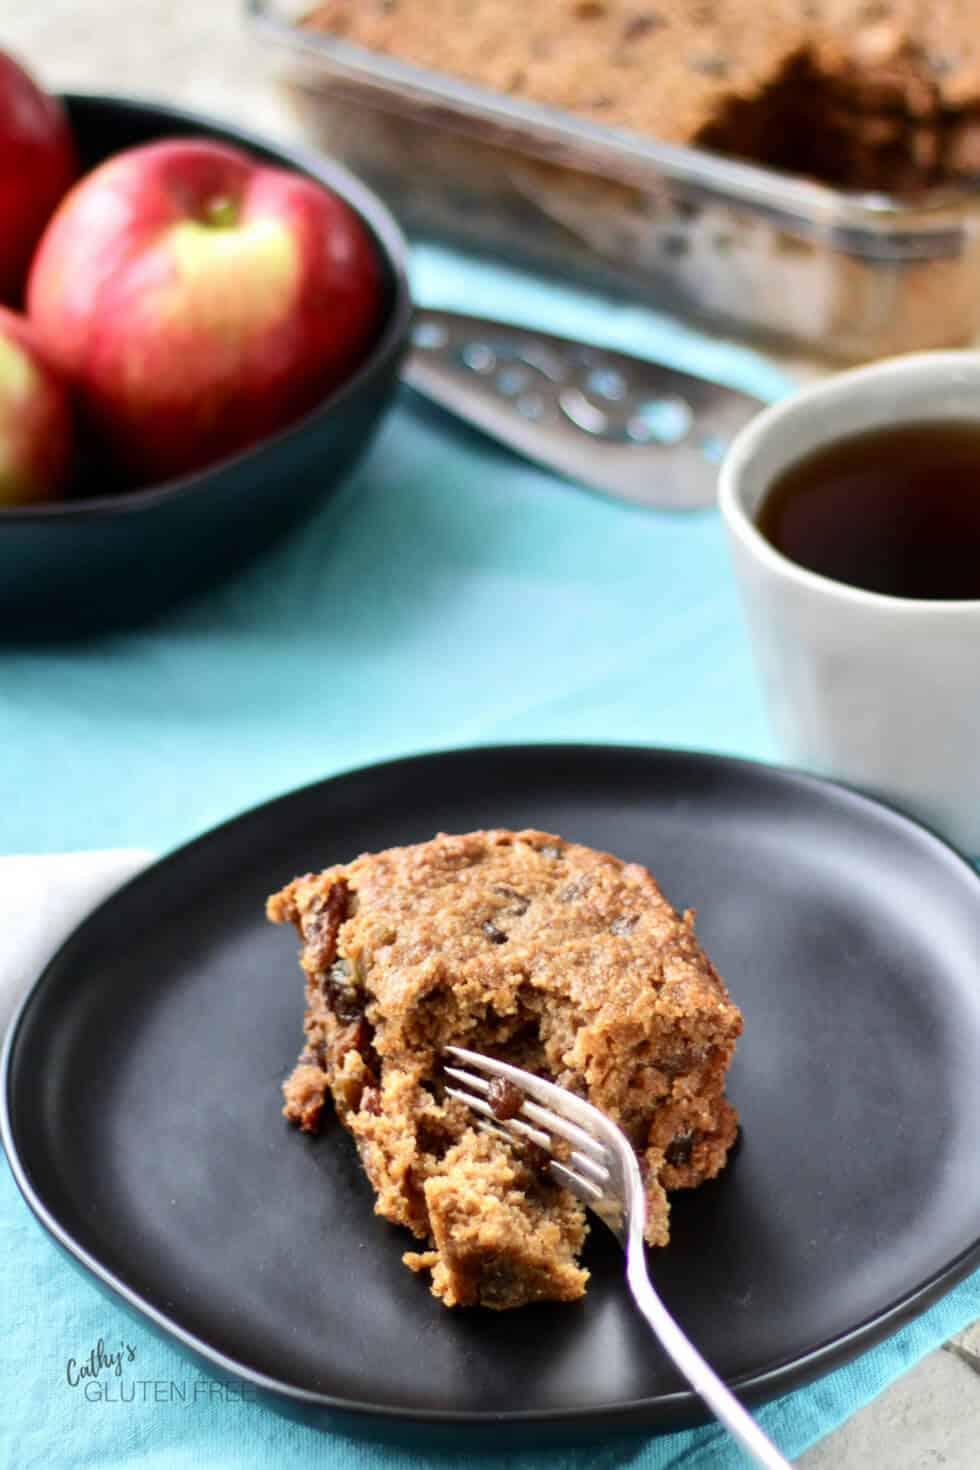 Applesauce Spice Cake - Gluten Free Recipe #glutenfree #coconutoil #grainfree #dairyfree #dessert #recipe